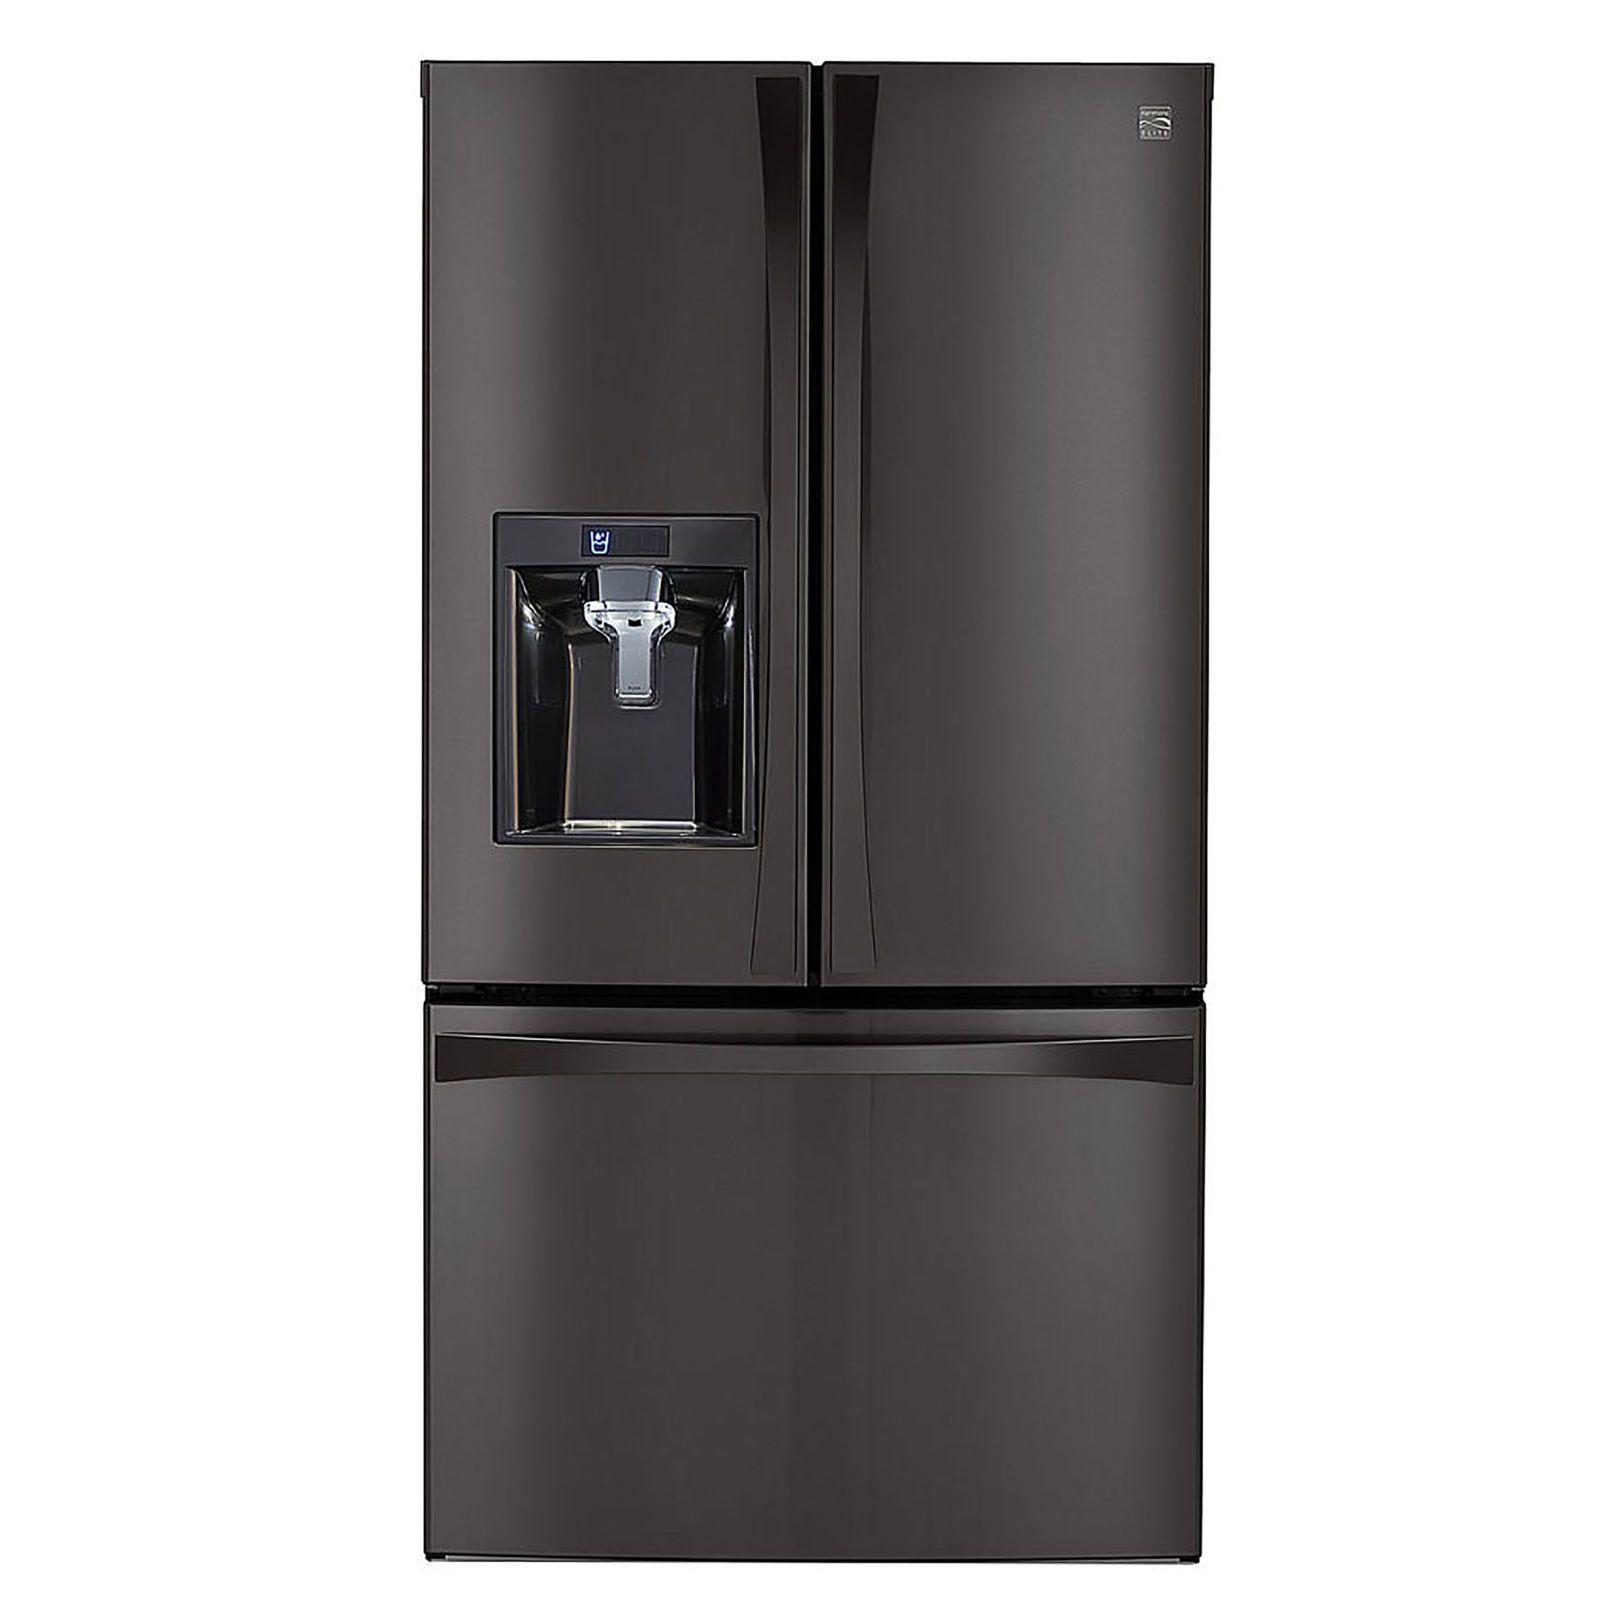 Kenmore Elite 29 8 Cu Ft French Door Bottom Freezer Refrigerator